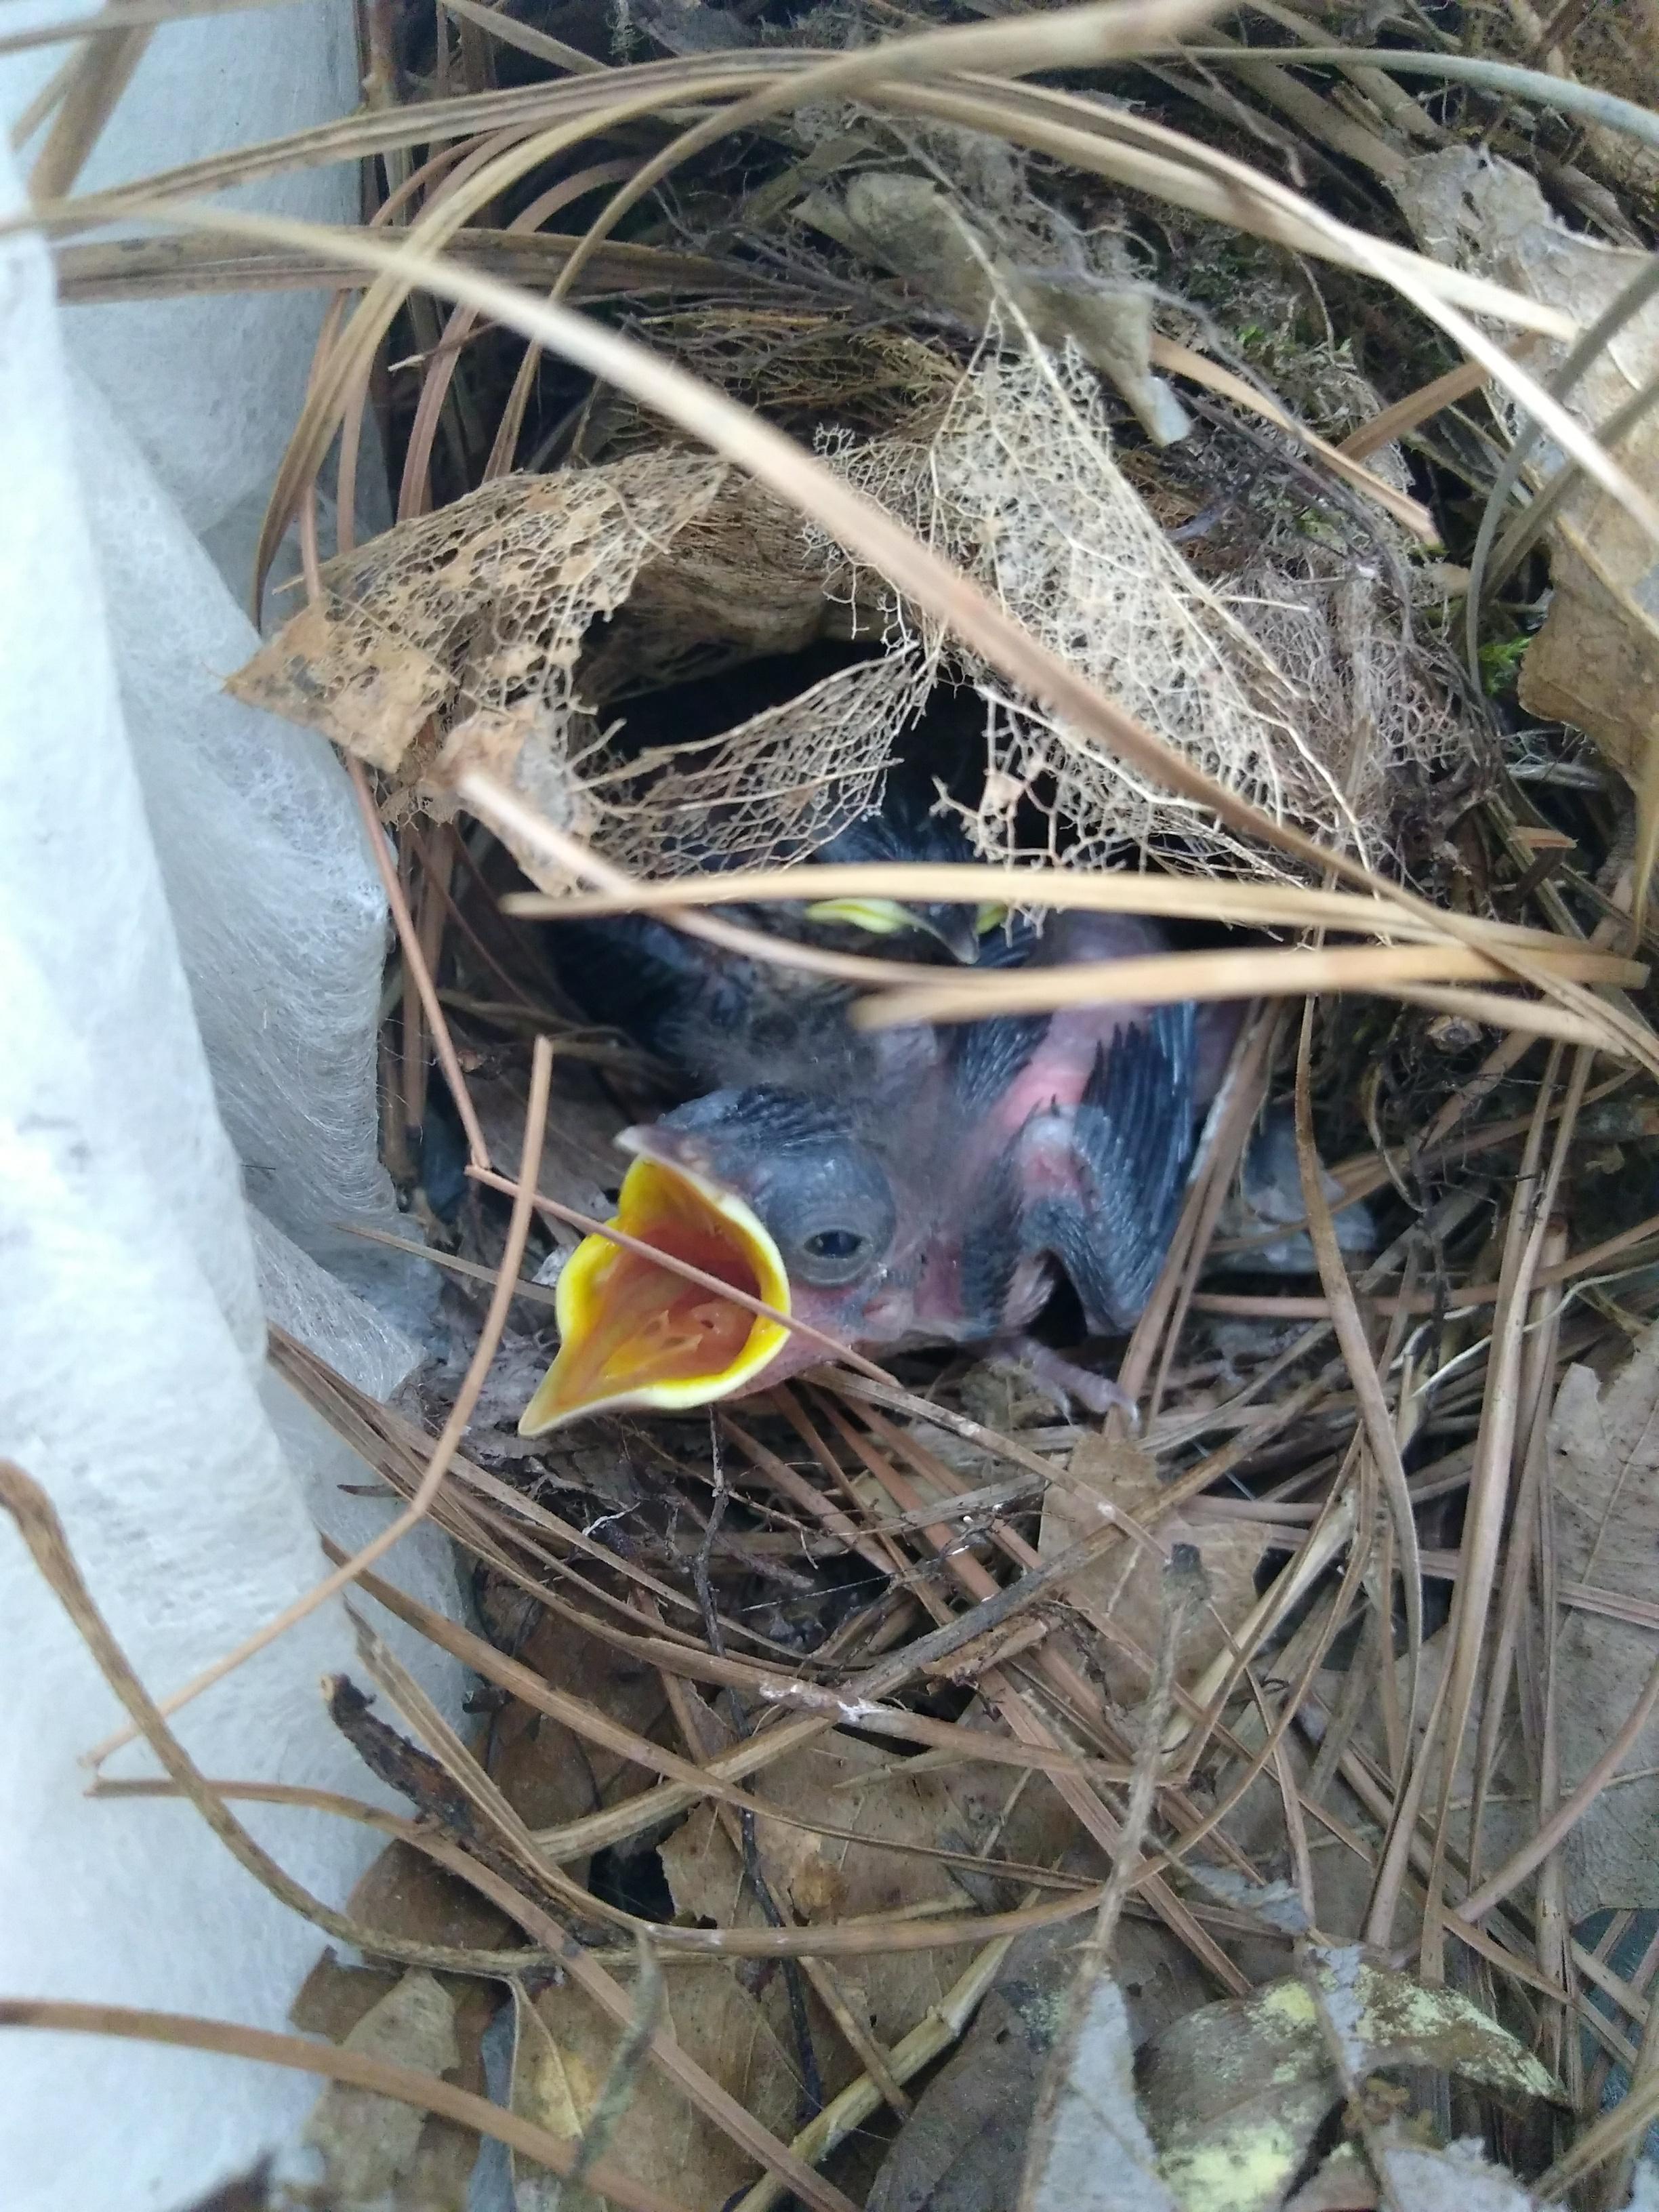 Baby bird close-up